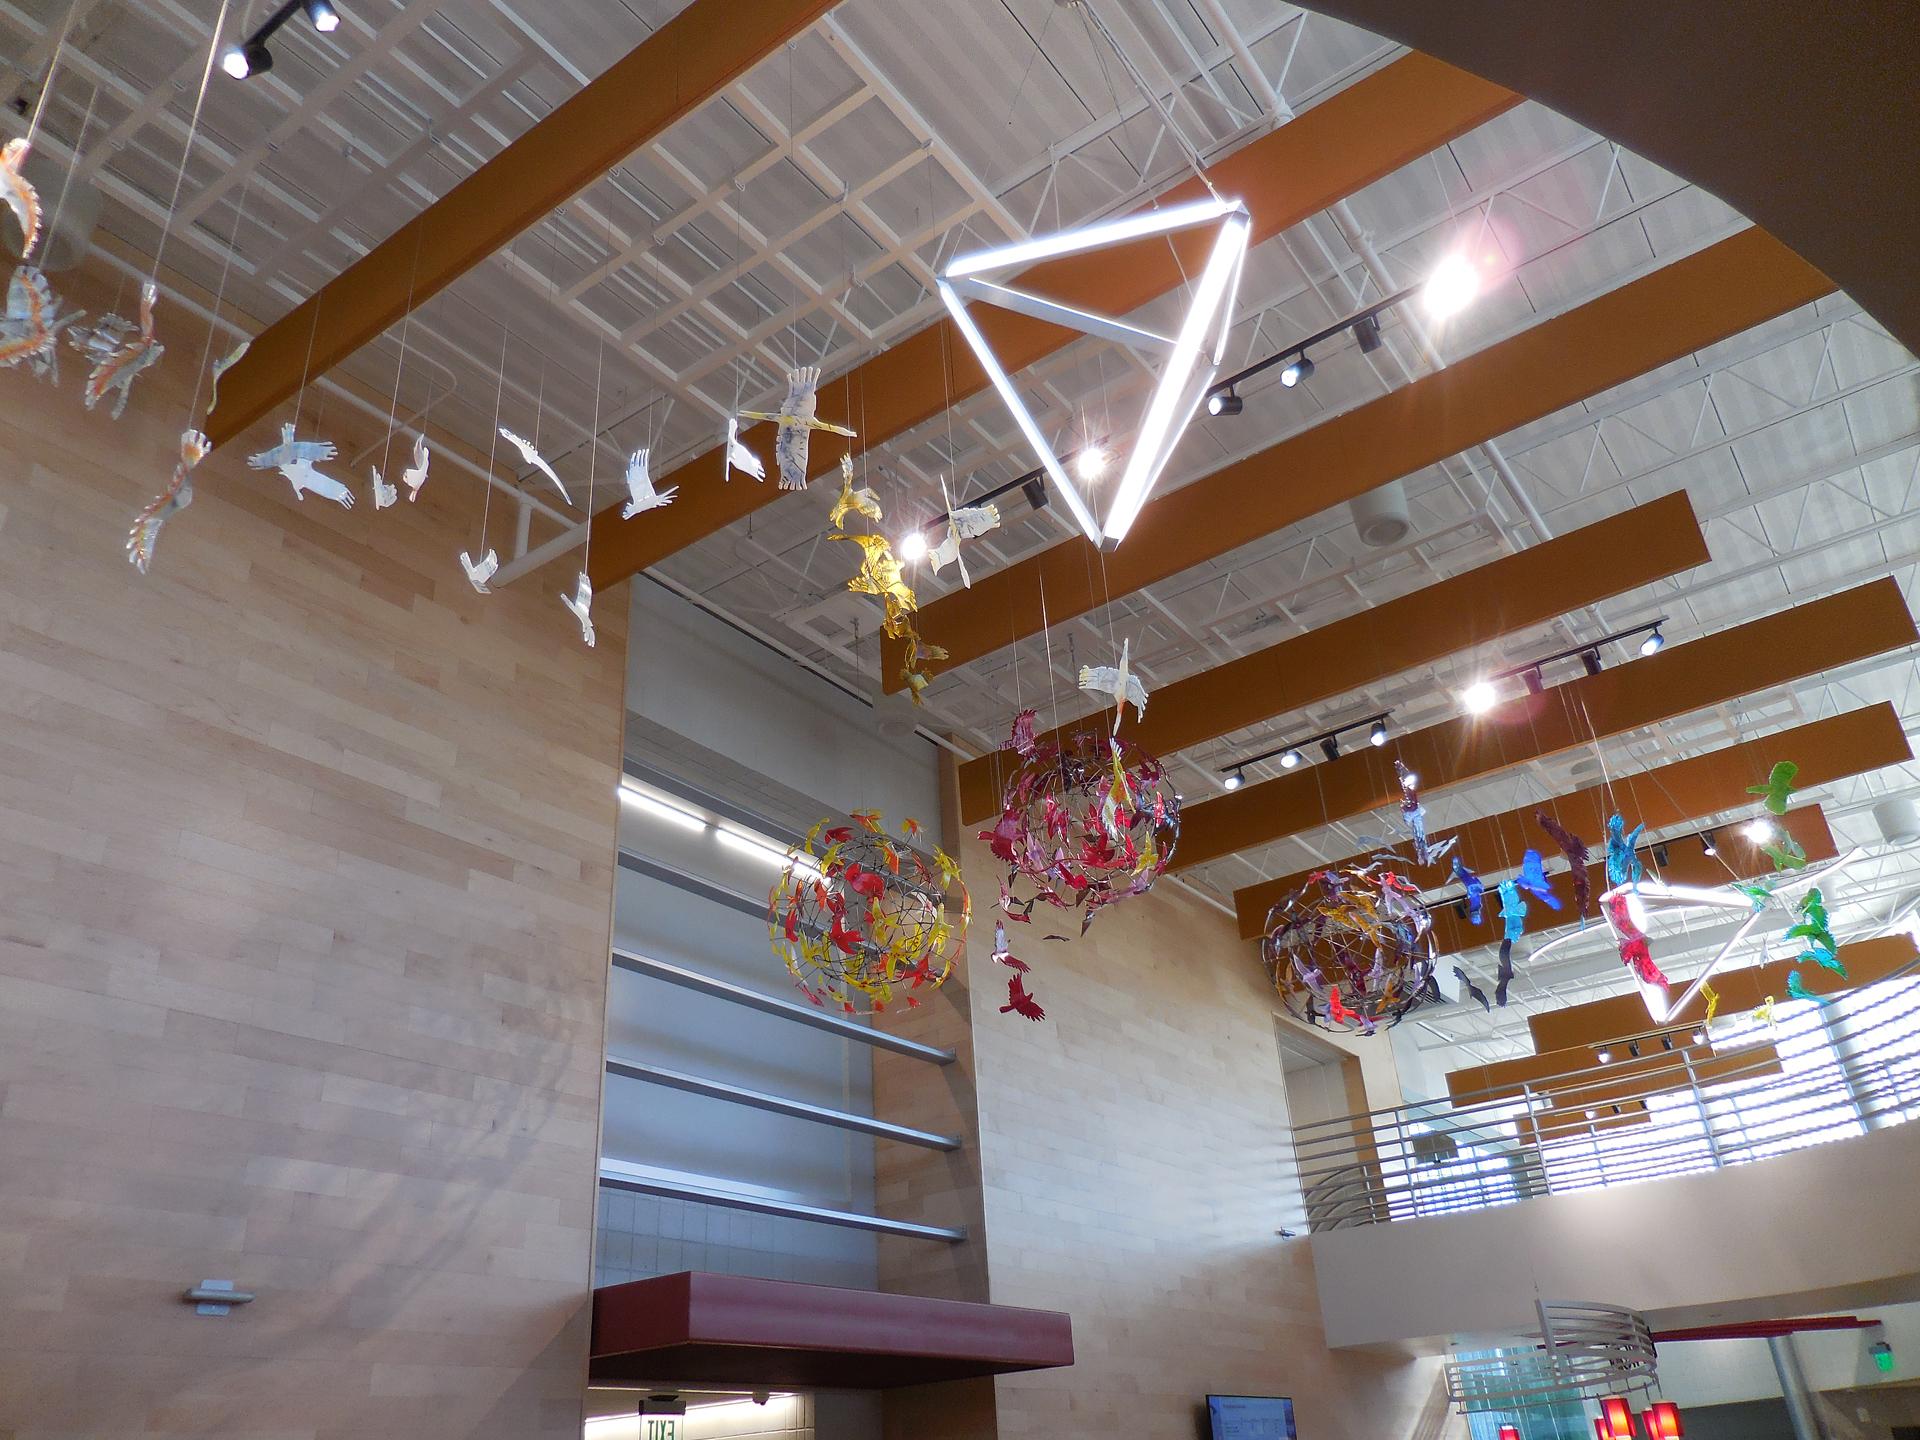 Eagle Pointe Recreation Center